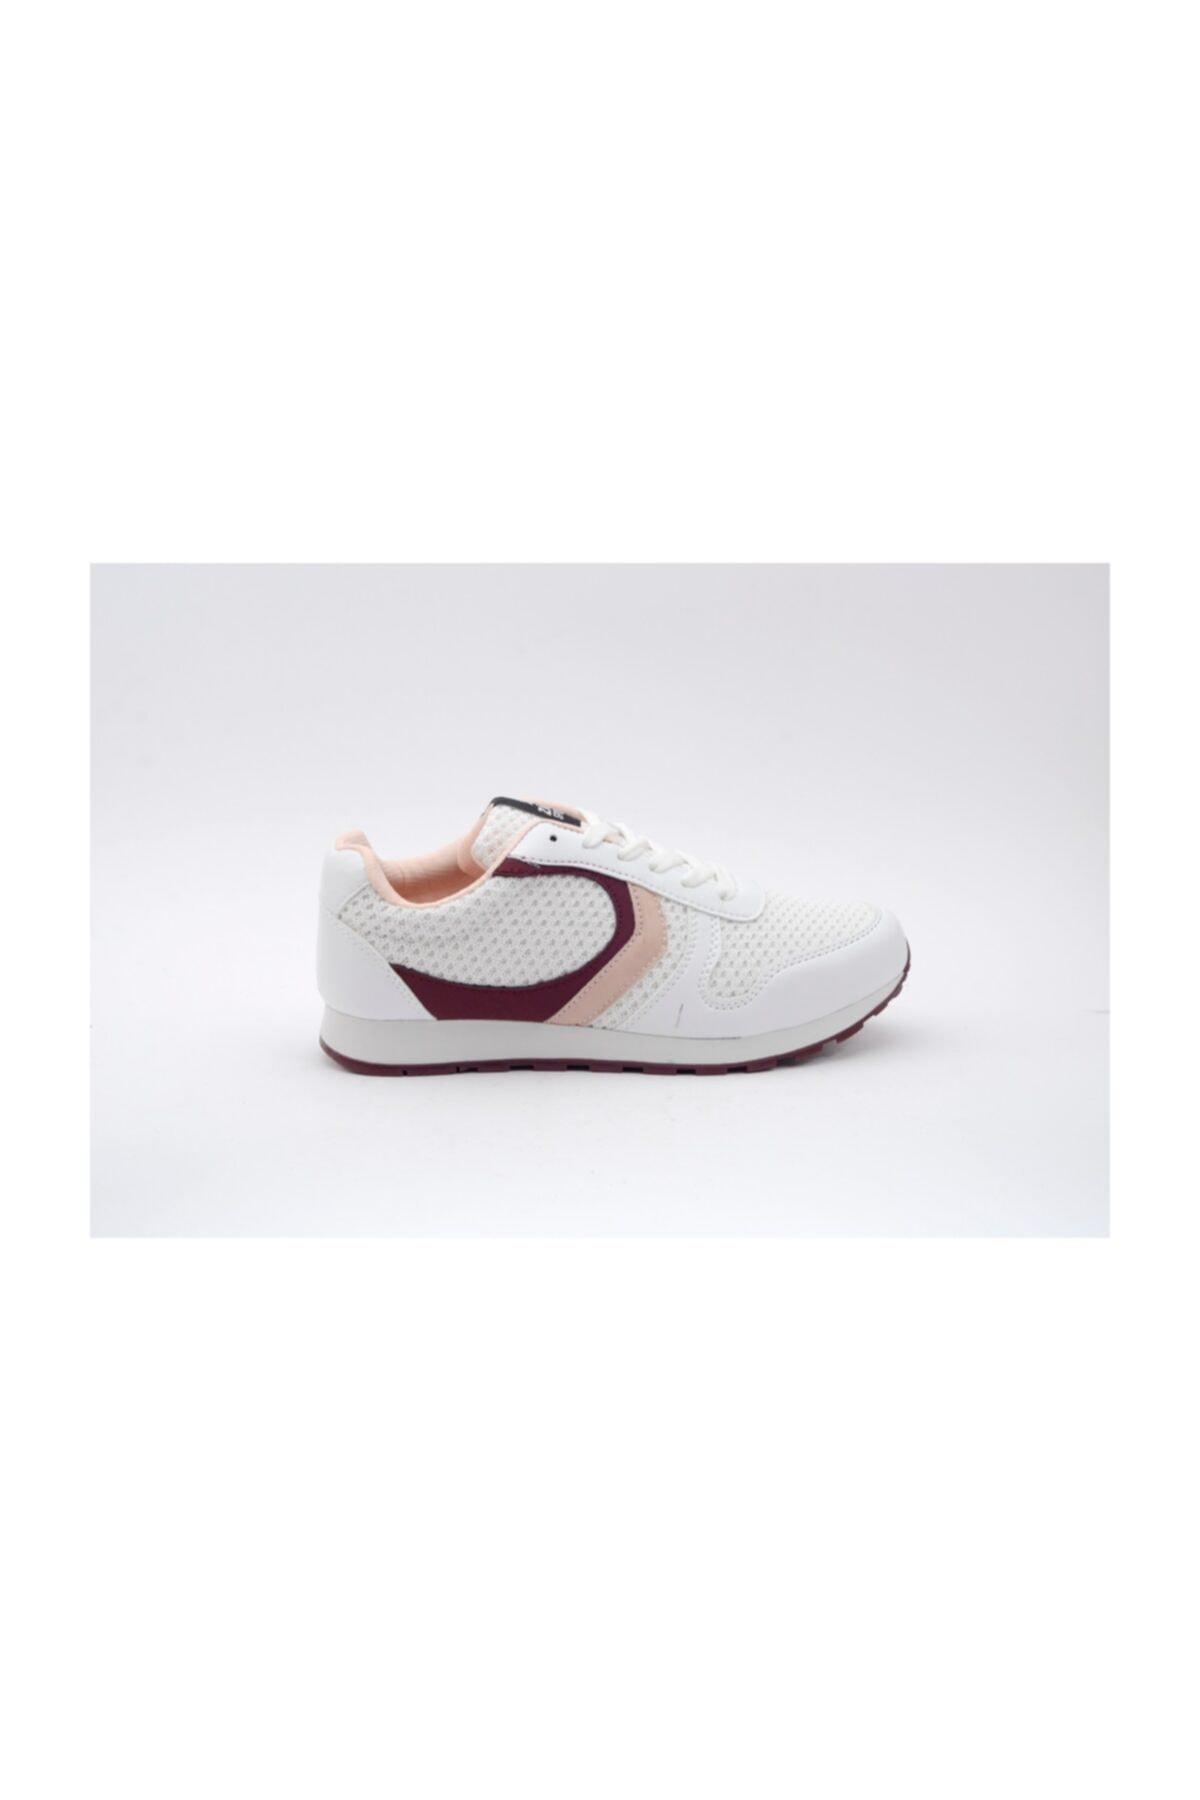 Twingo Spor Ayakkabı 1